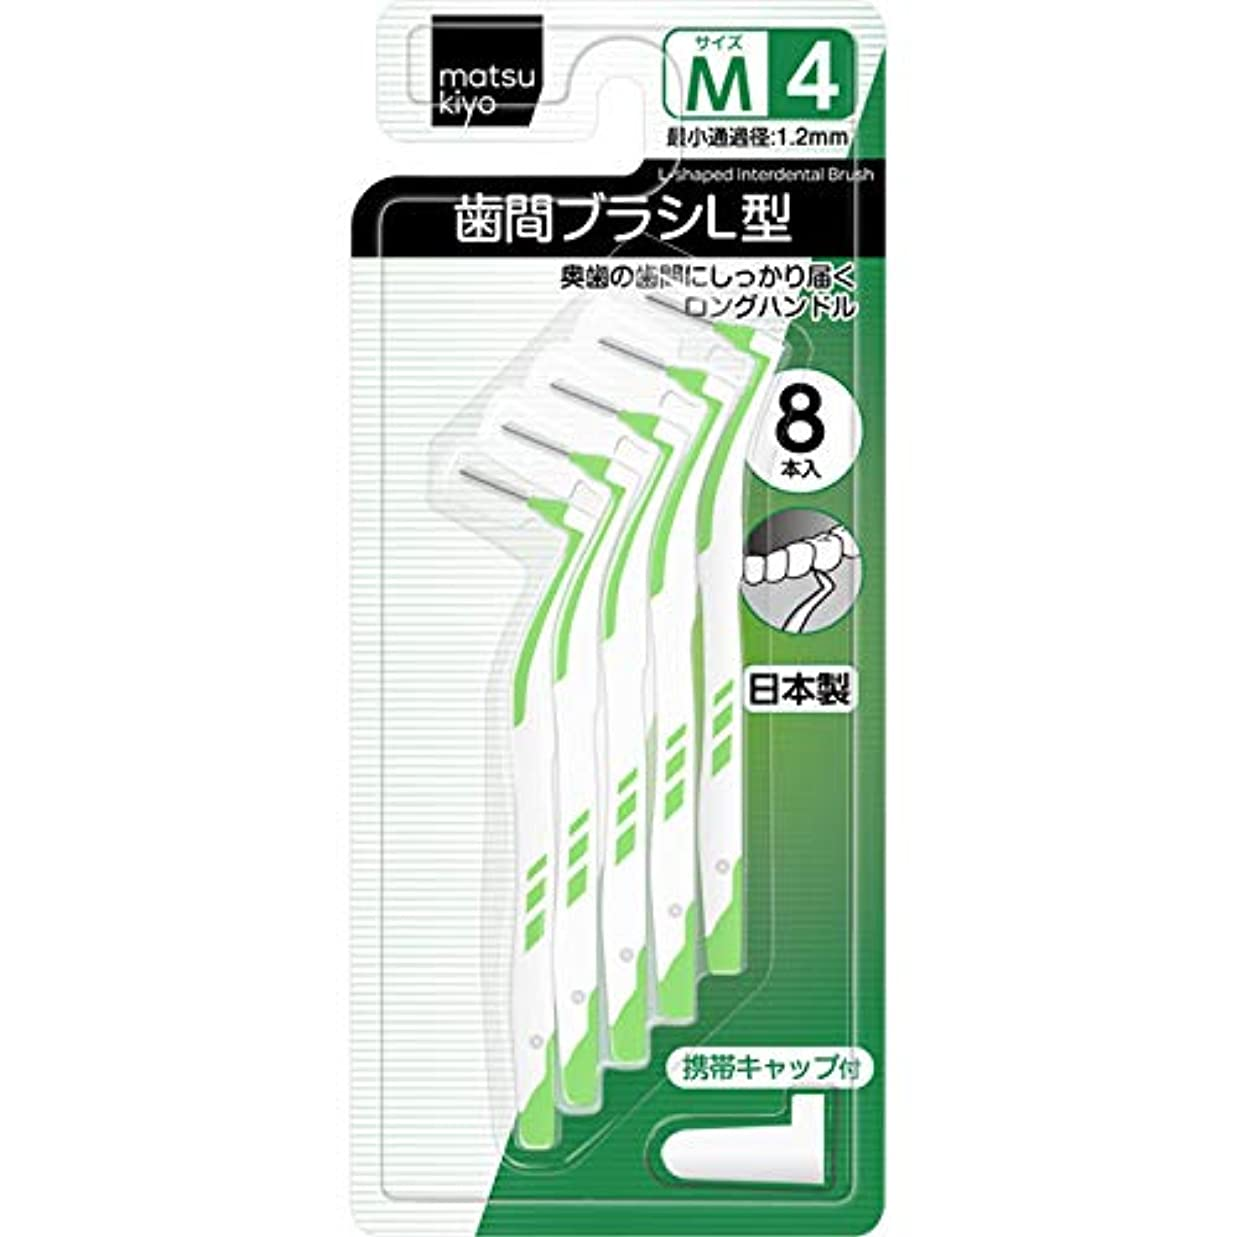 偽善誰件名毅?インエグゼサプライ matsukiyo 歯間ブラシL型 サイズ4(M) 8本